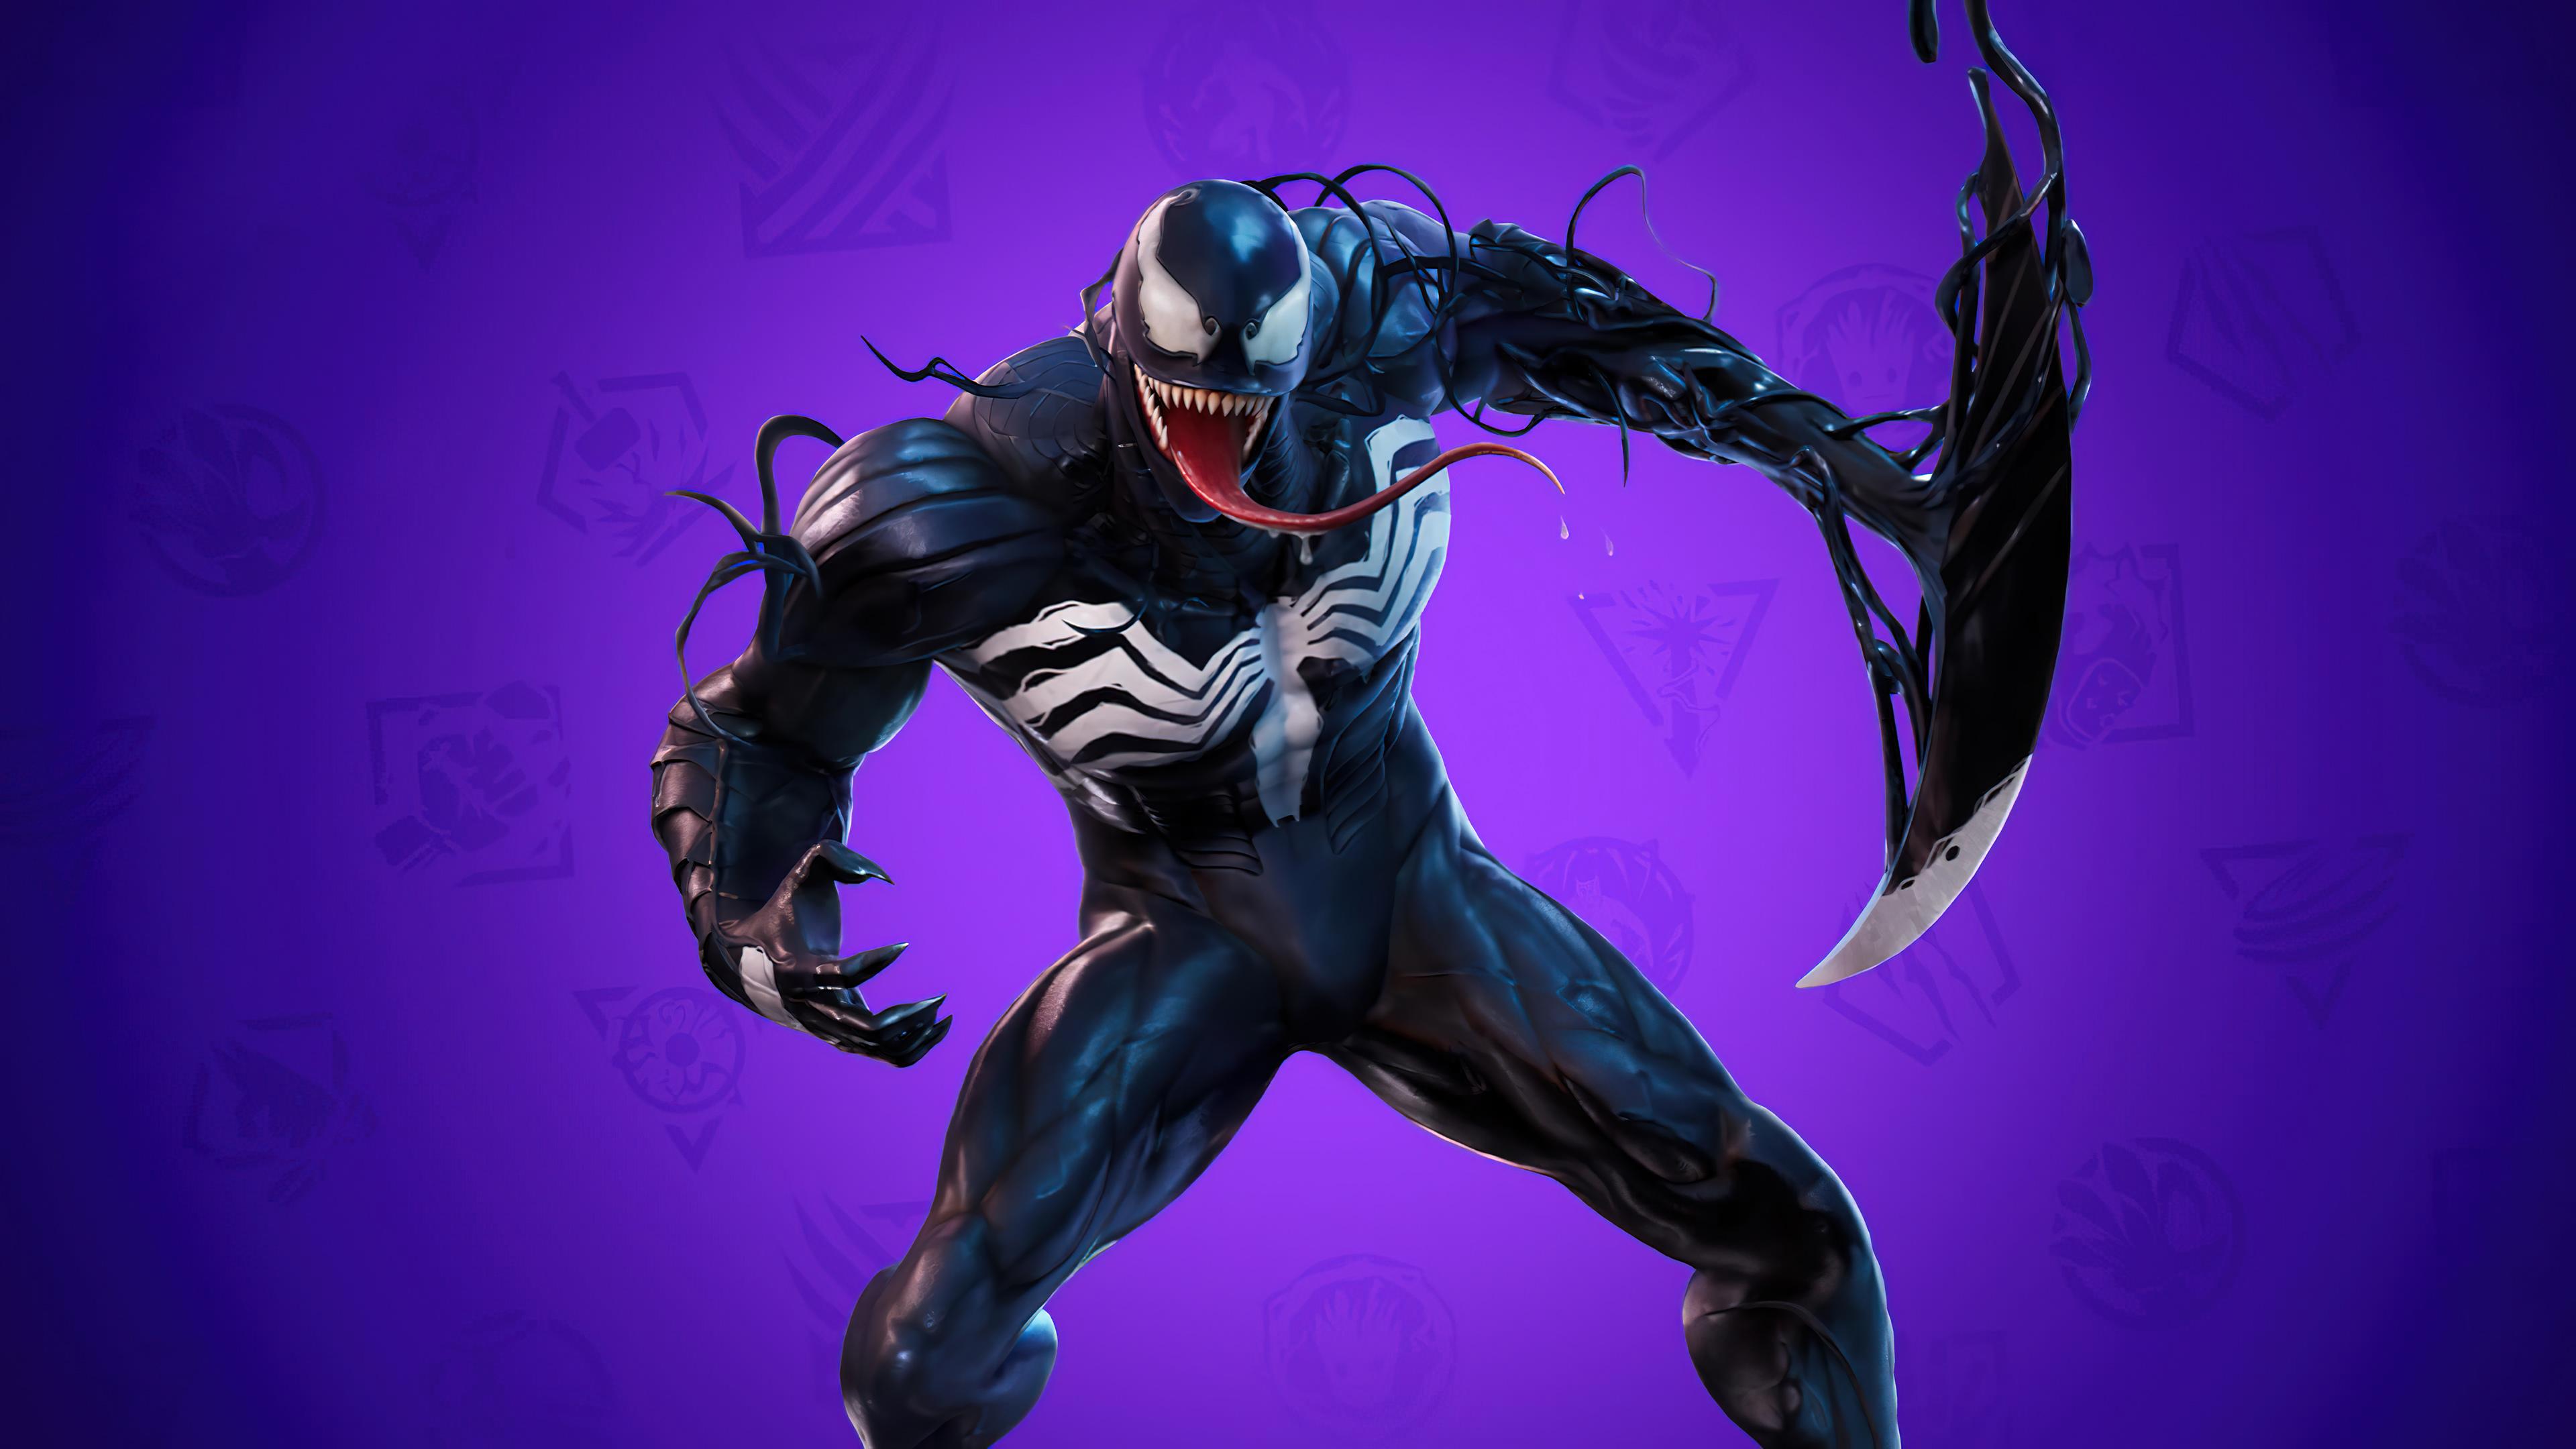 venom fortnite 4k 1615137185 - Venom Fortnite 4k - Venom Fortnite 4k wallpapers